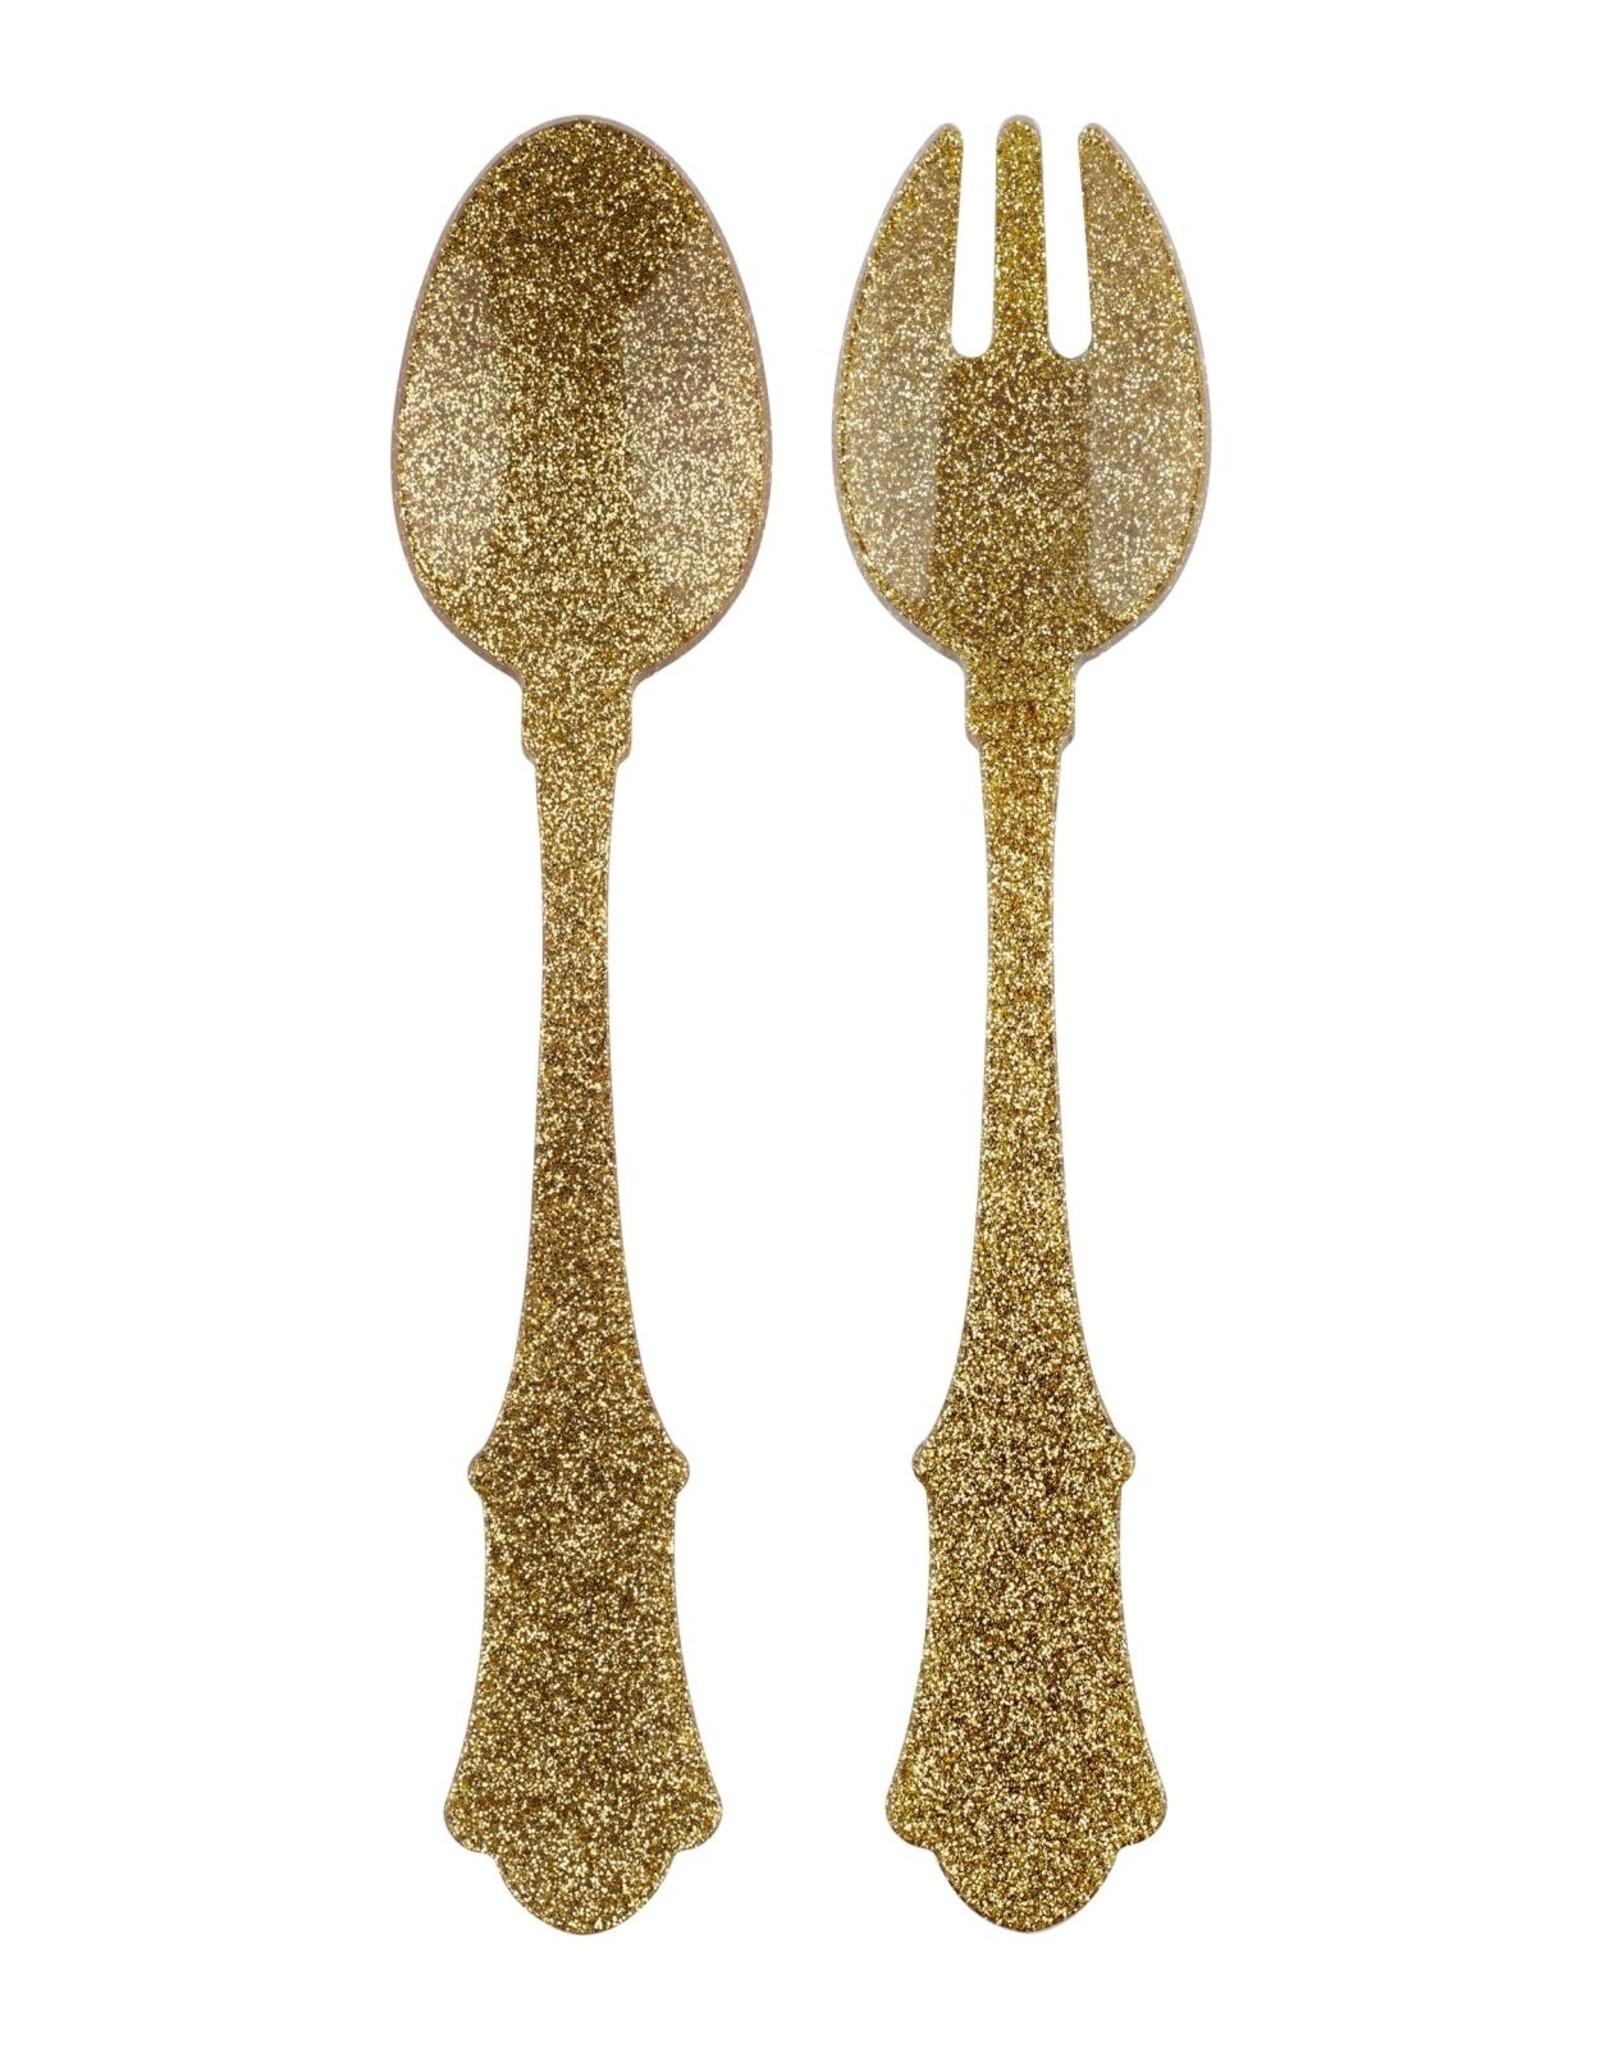 Sabre Salad Set 2 PCS Glitter Gold